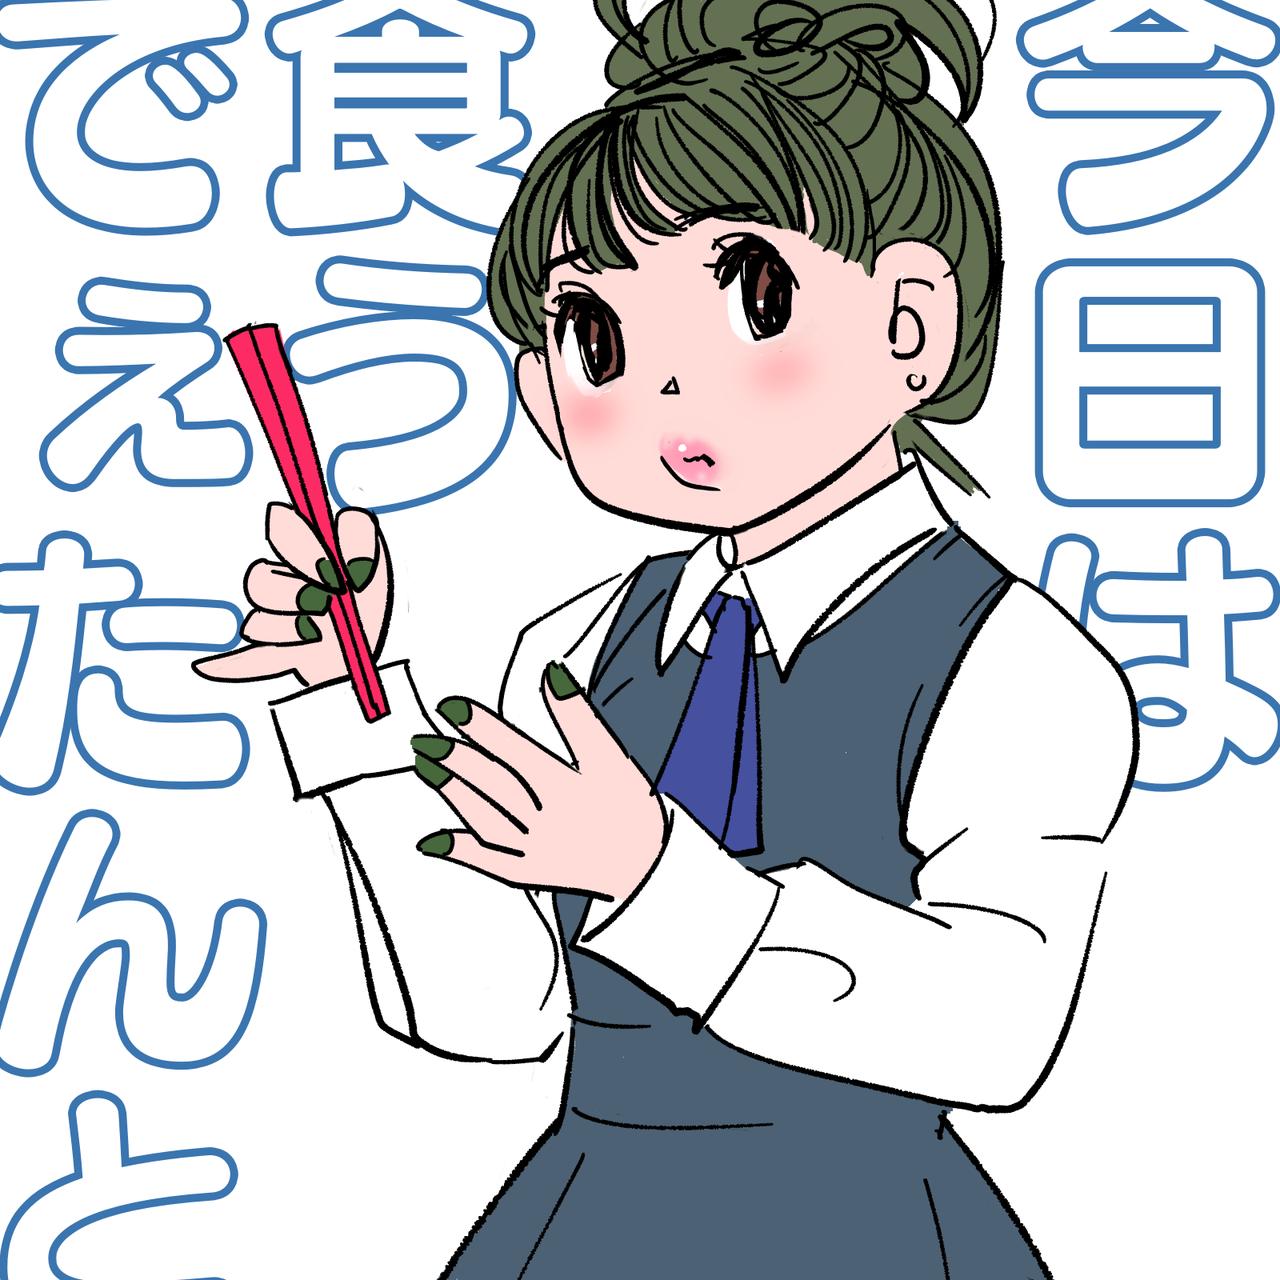 の 日 26 なん 2